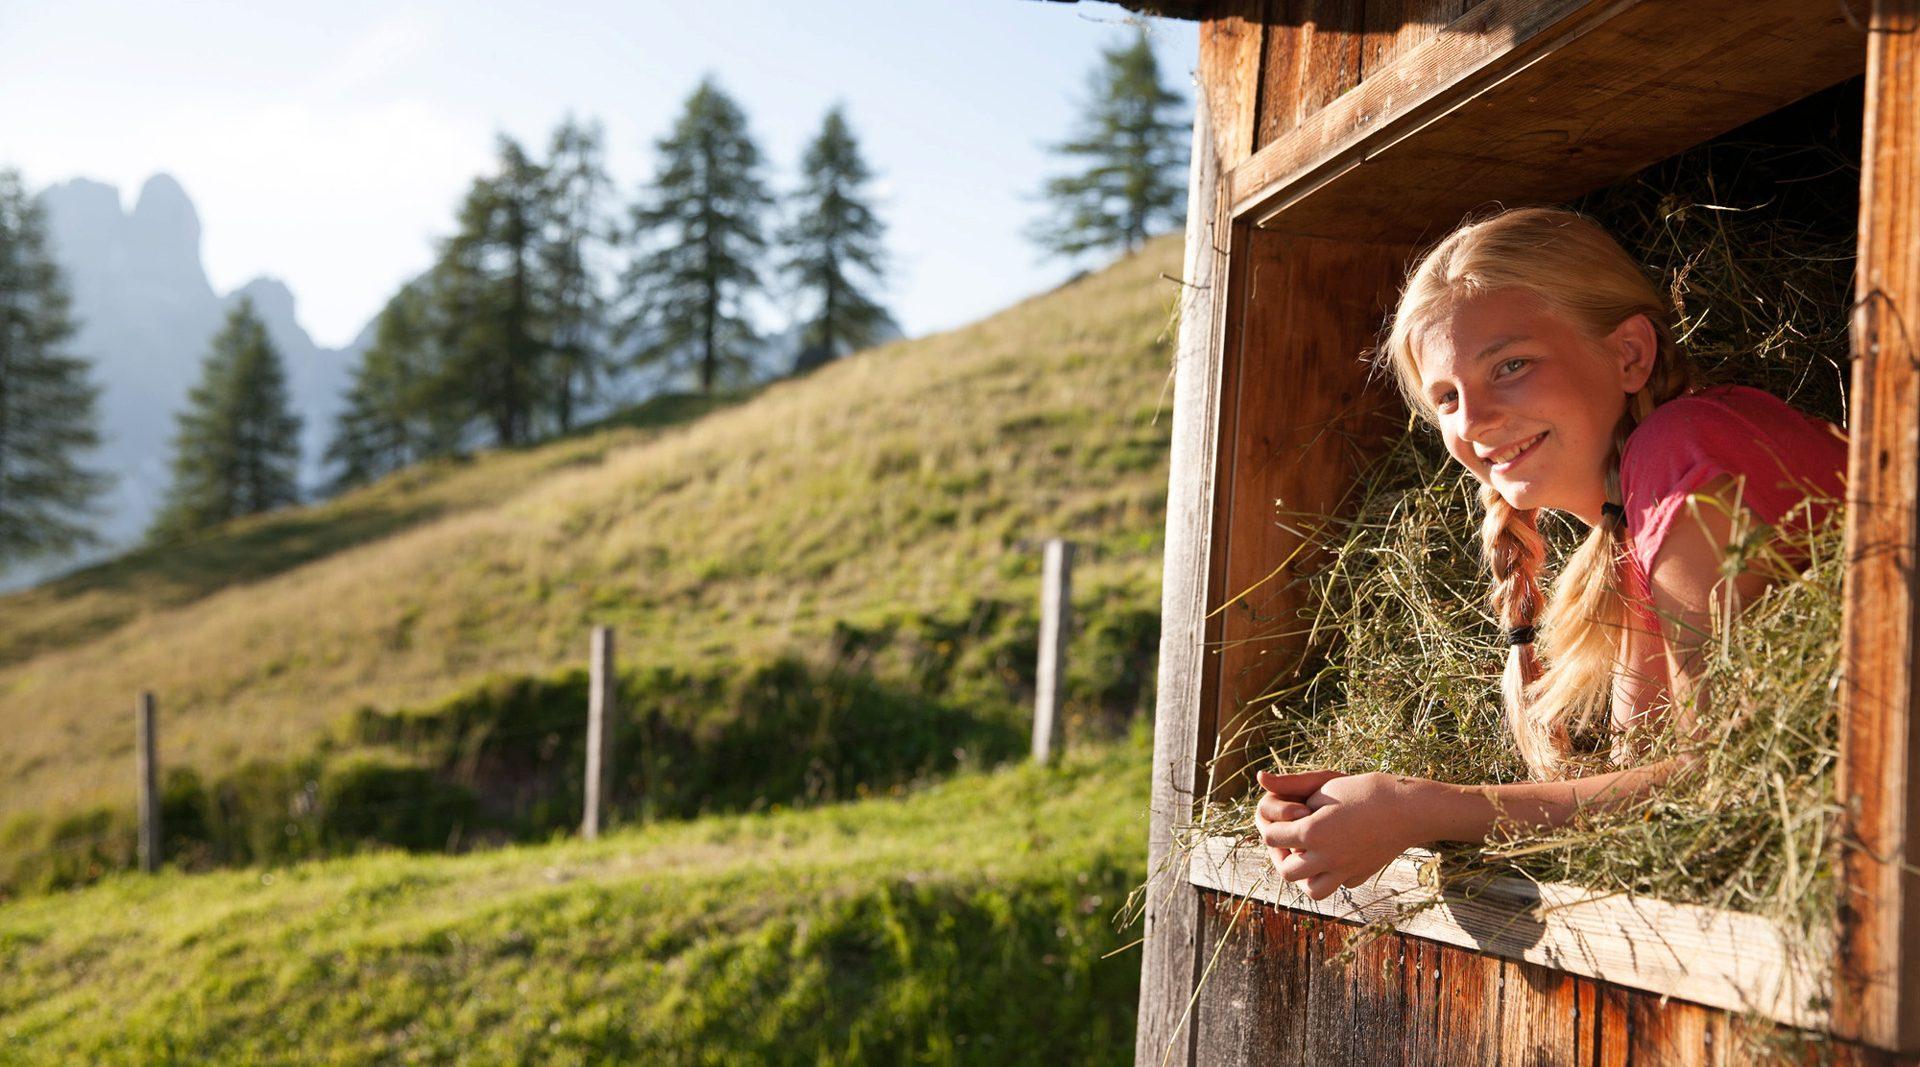 Frau sitzt im Heu am Bauernhof